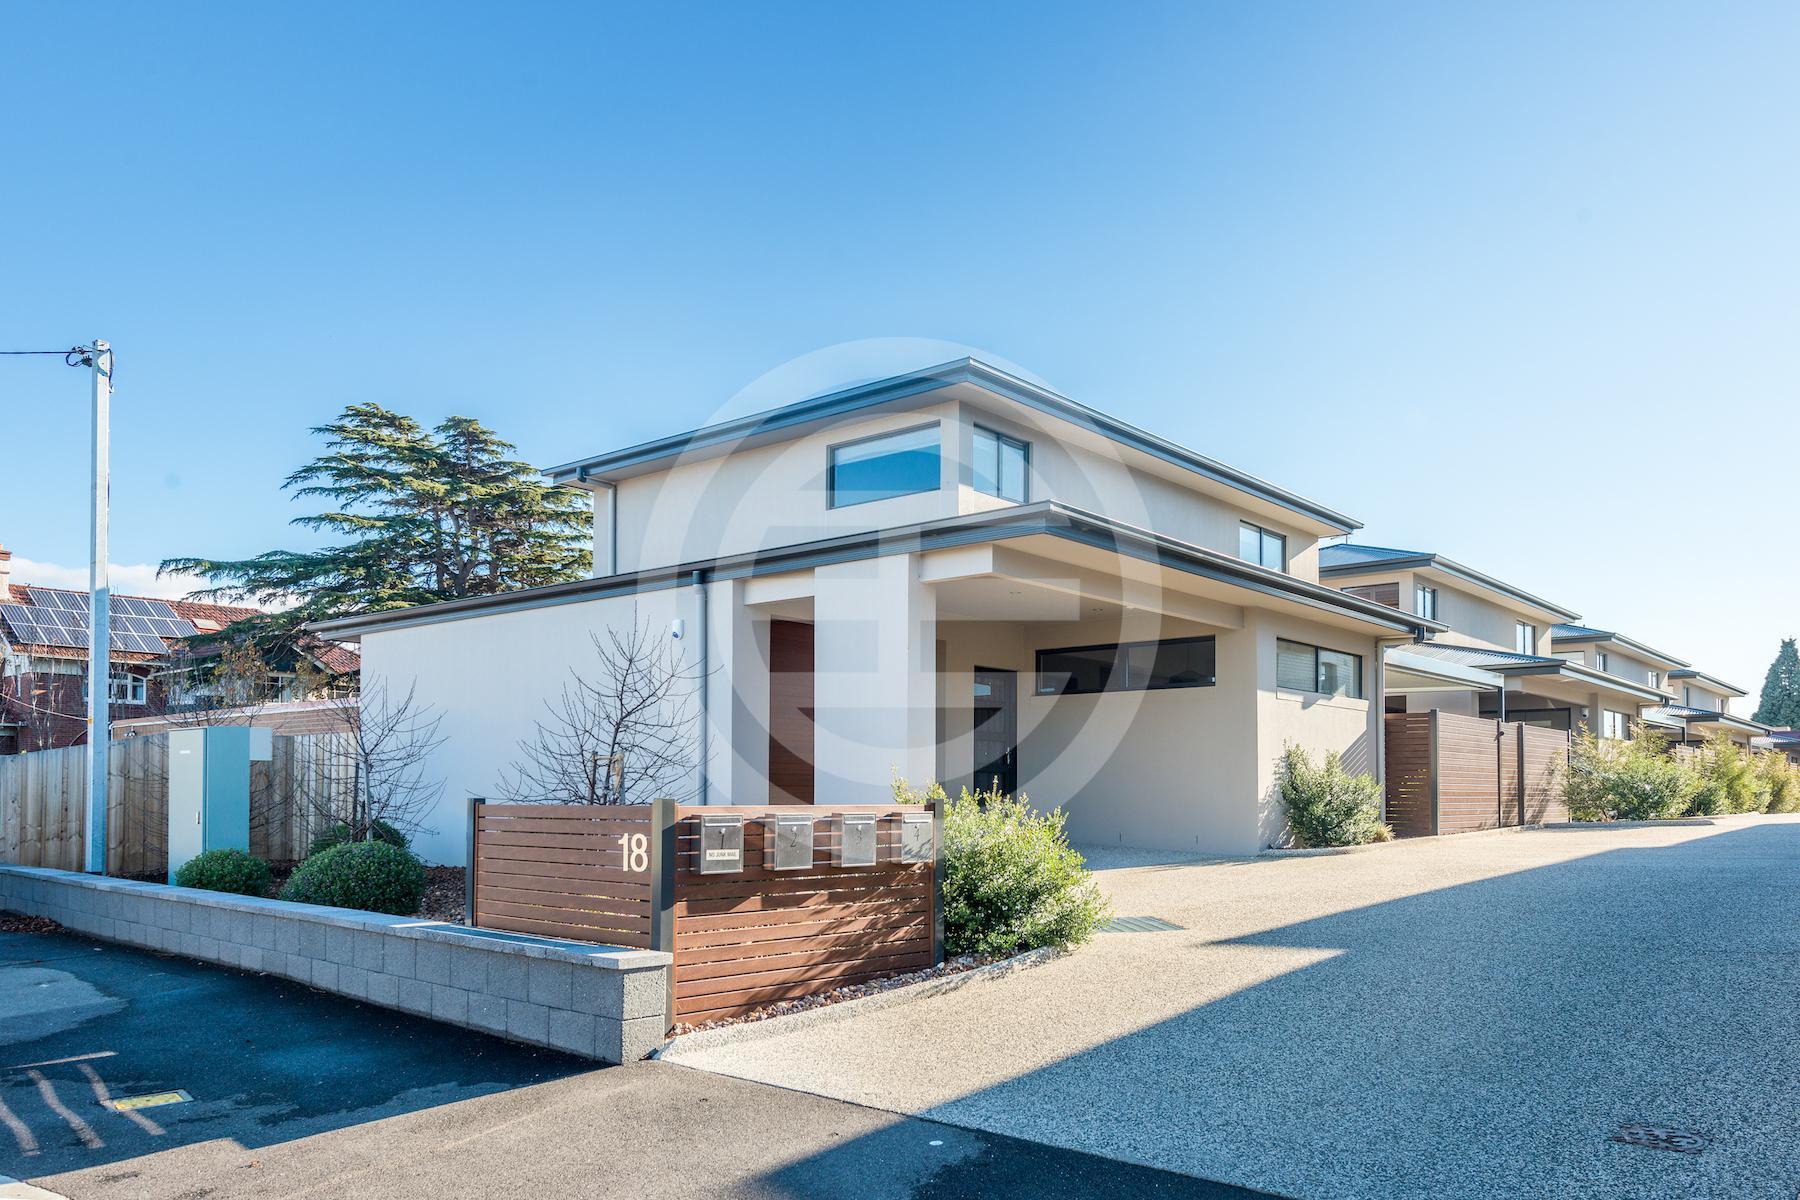 霍巴特是目前澳洲最热门的房市之一。图为居外网在北霍巴特的一套在售房产(点击图片查看房源信息)